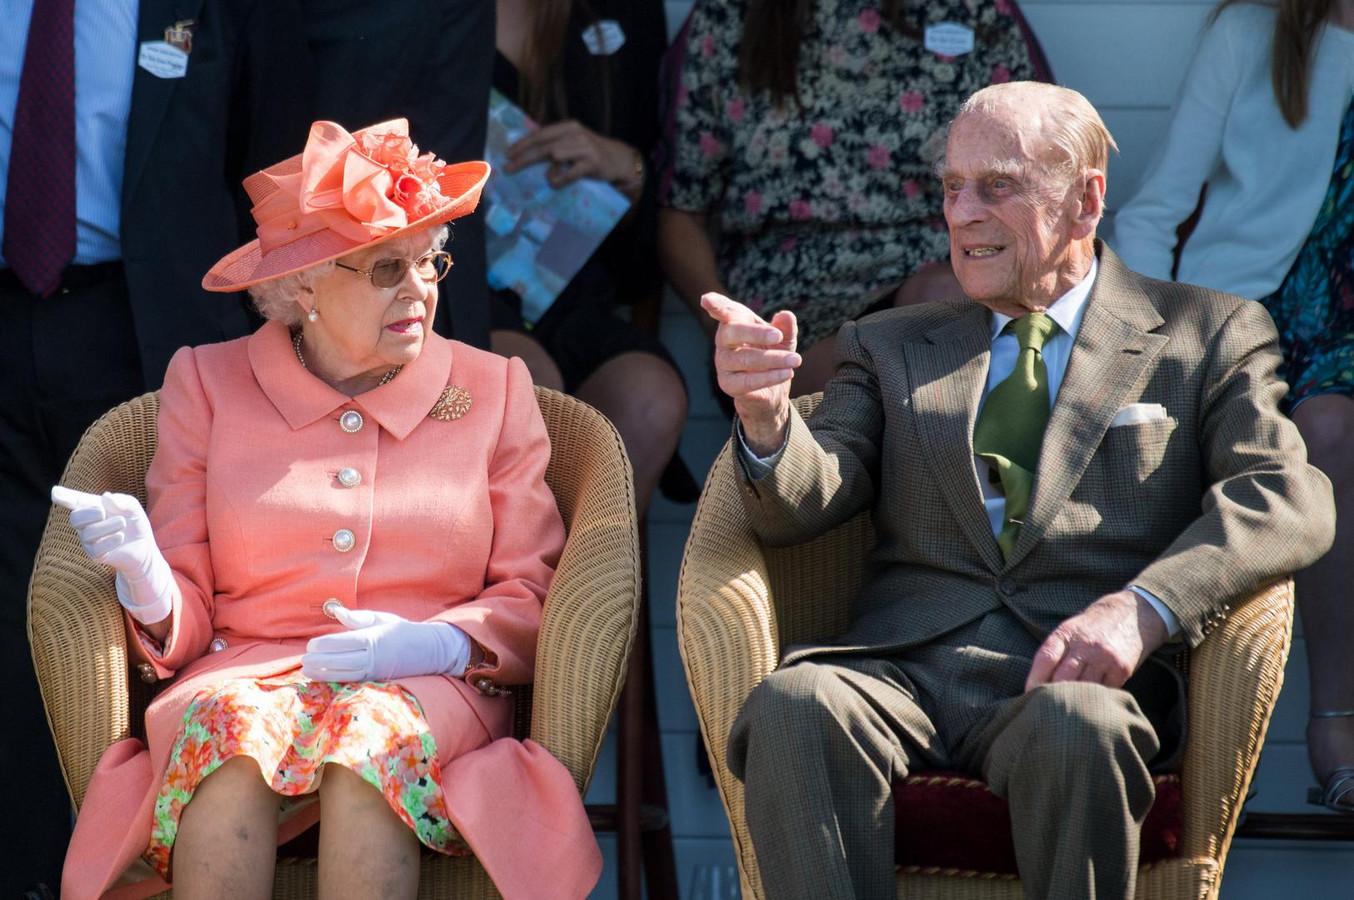 Elizabeth en Philip in 2018, tijdens een polowedstrijd die ze uitvoerig met elkaar bespreken.